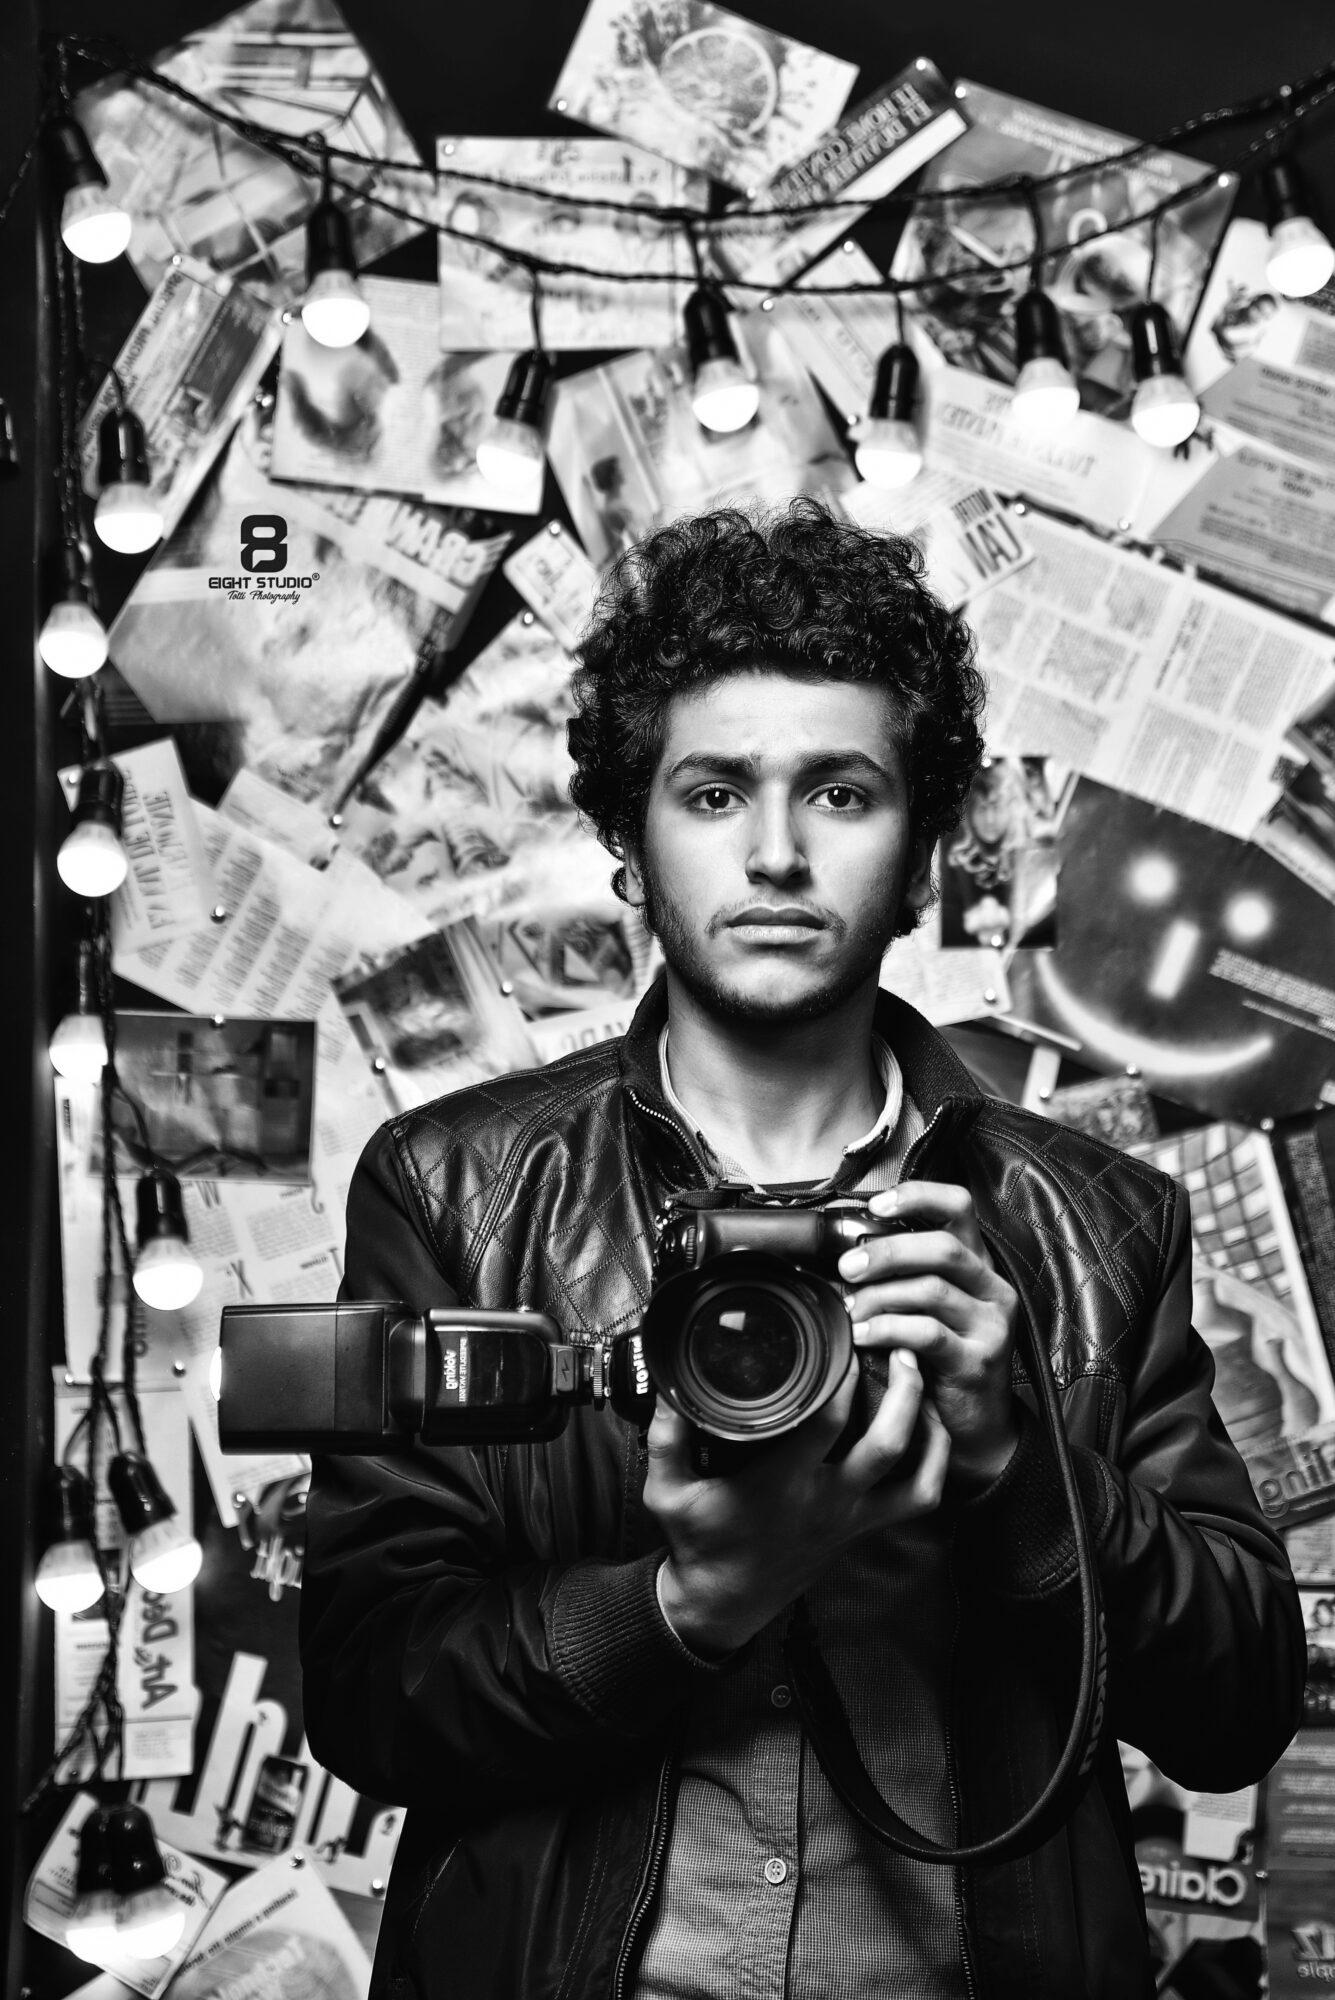 Zelf meedoen aan grootste fotofestival van Apeldoorn